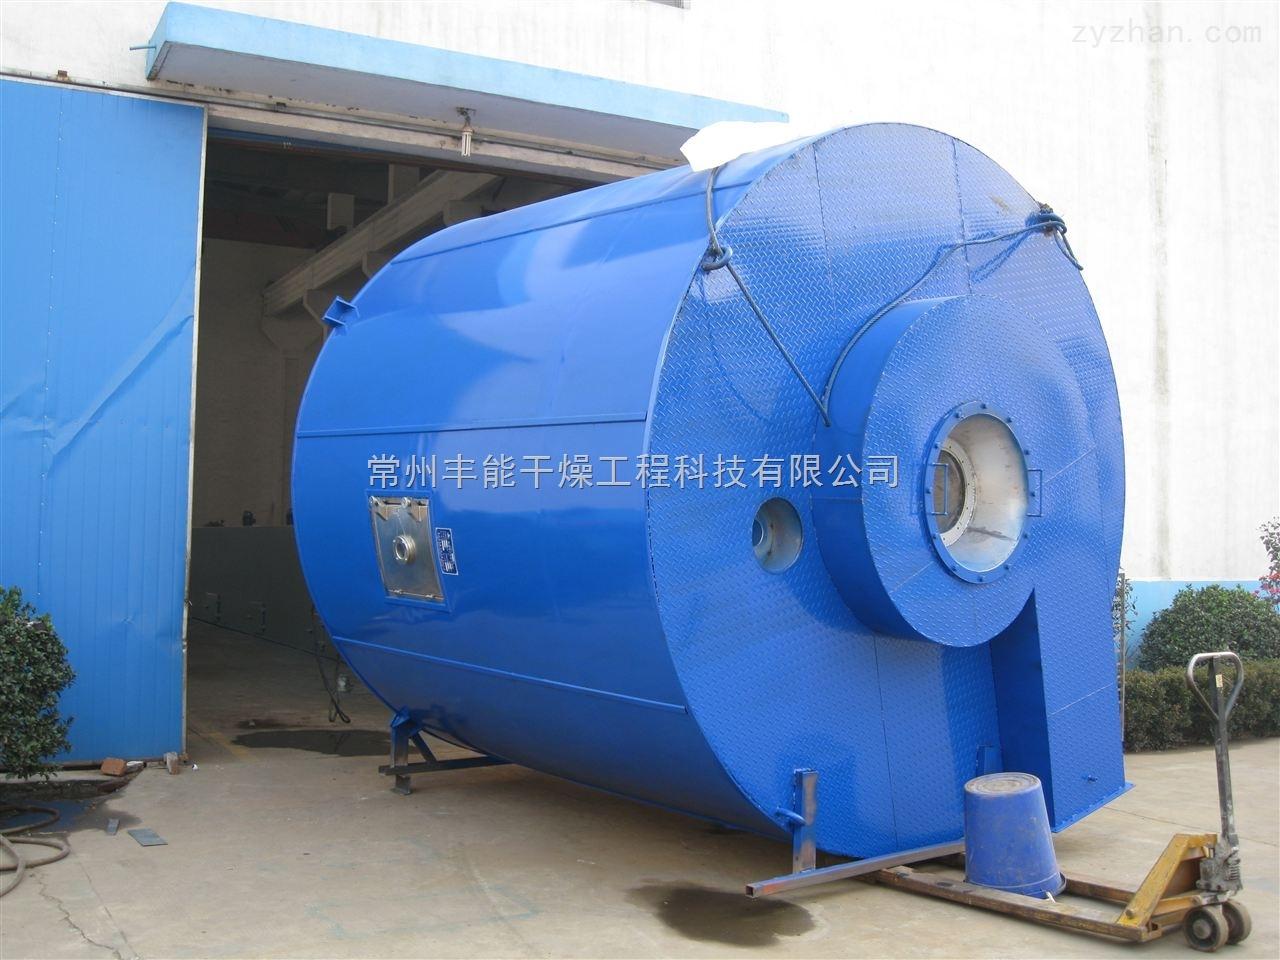 低价厂家直销YPG-1000酶制剂喷雾干燥机